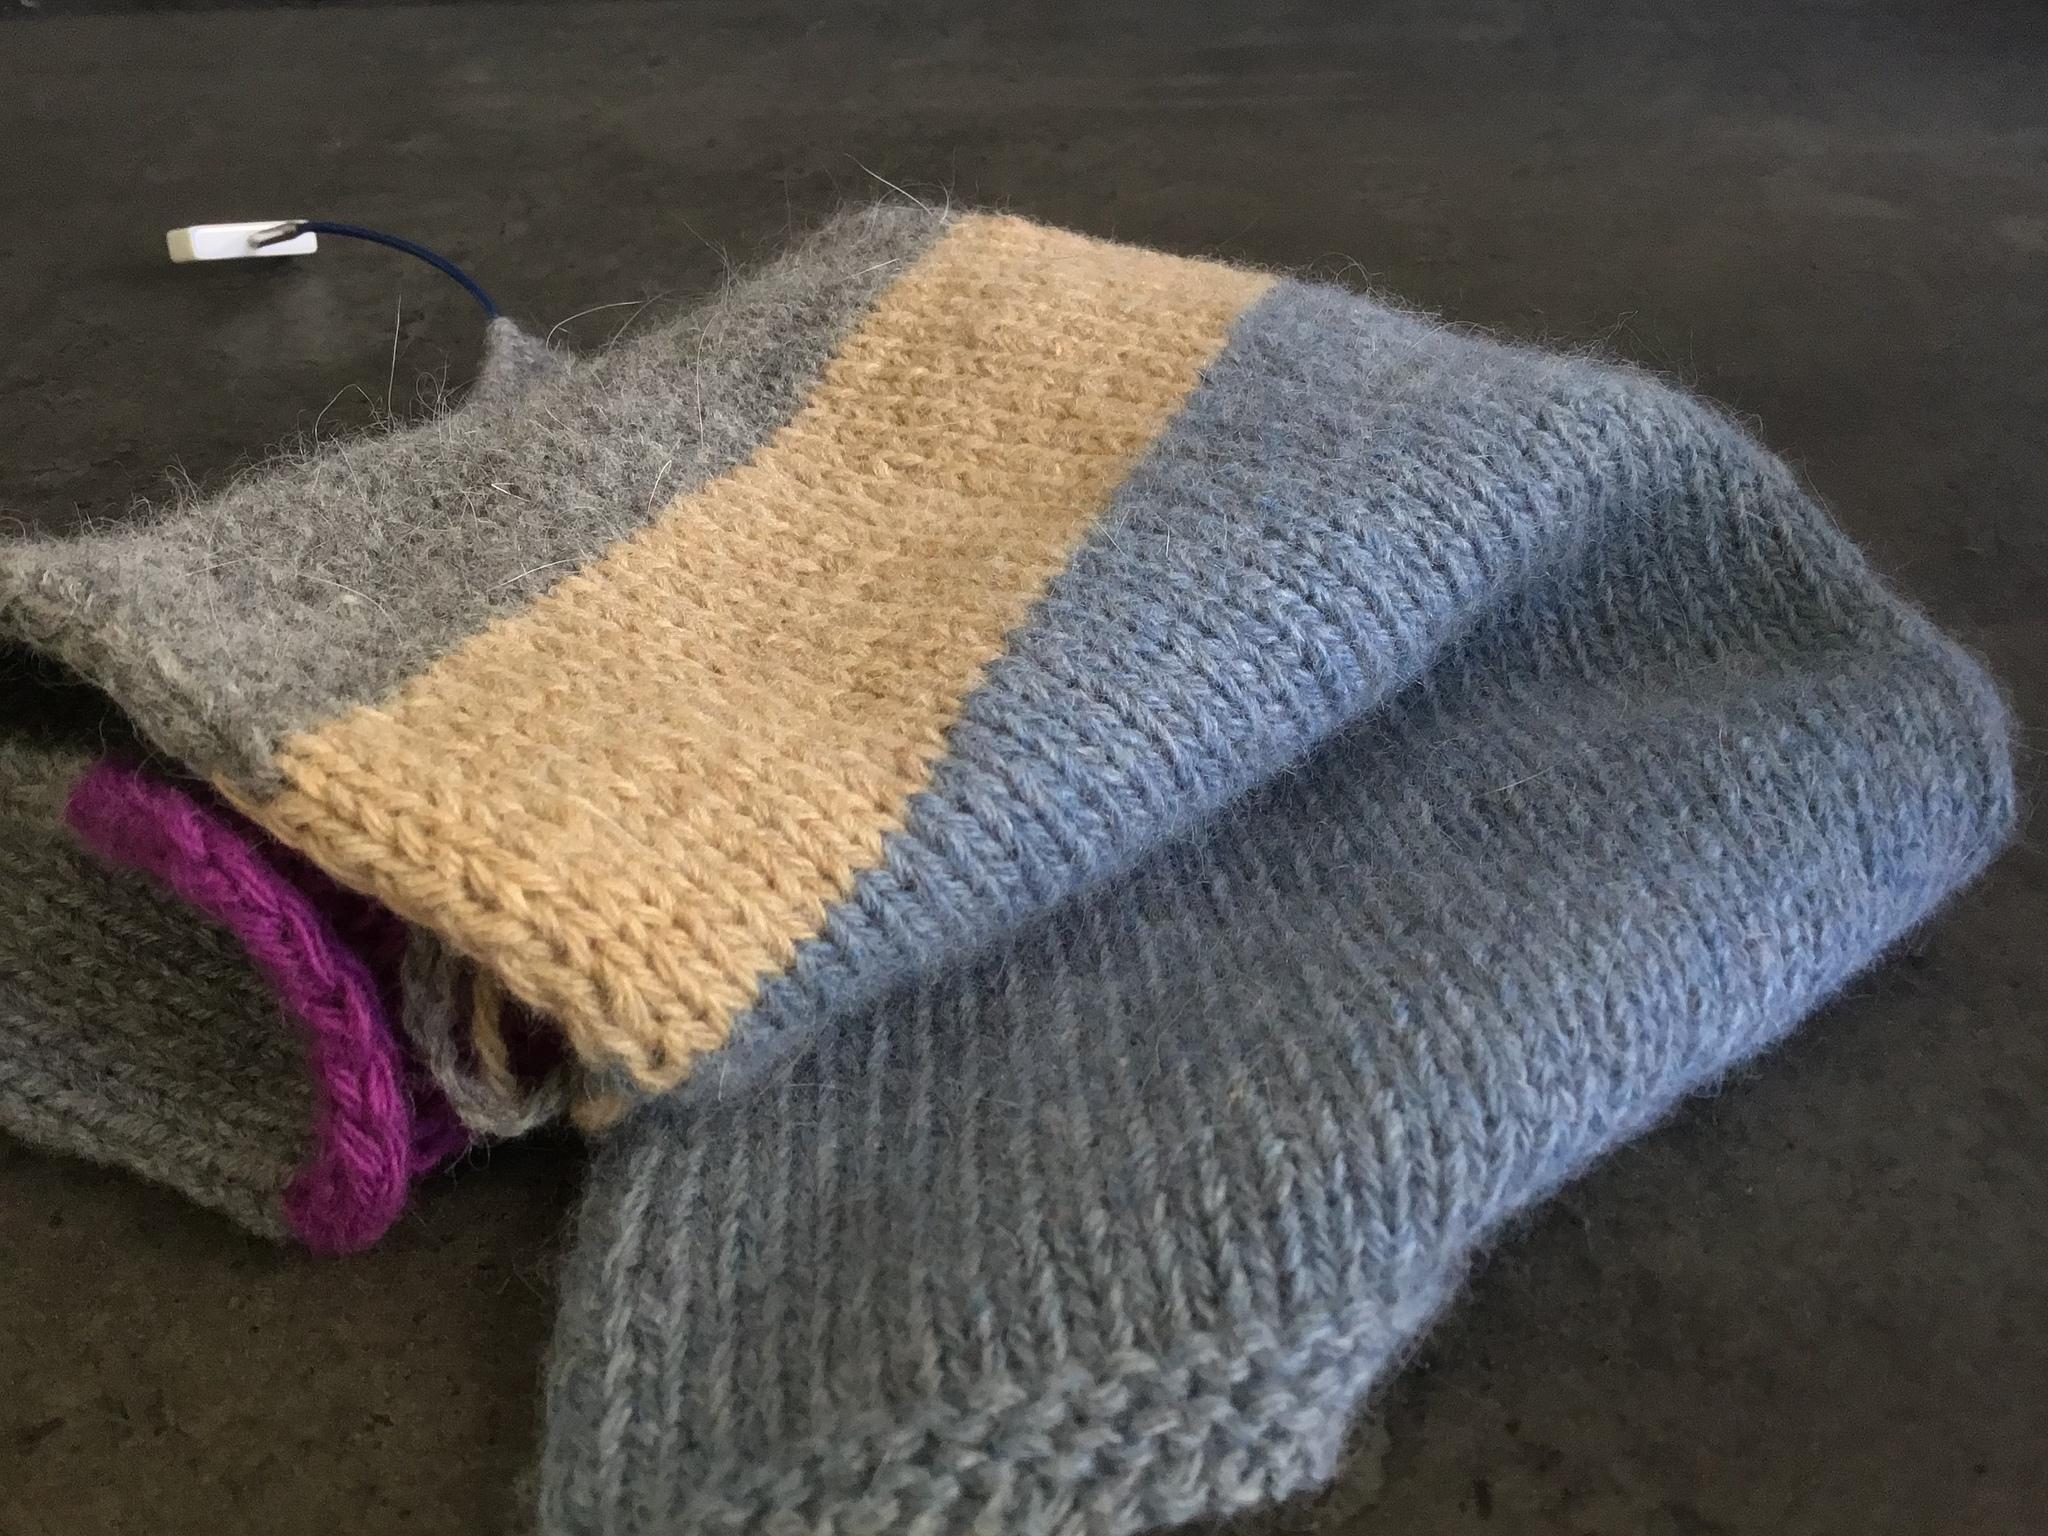 Образец Foxy, меринос с ангорой, связан в 4 нити на спицах 4,5 мм. Одна стирка. Толщина для очень тёплого свитера. Голубой и серый образцы.